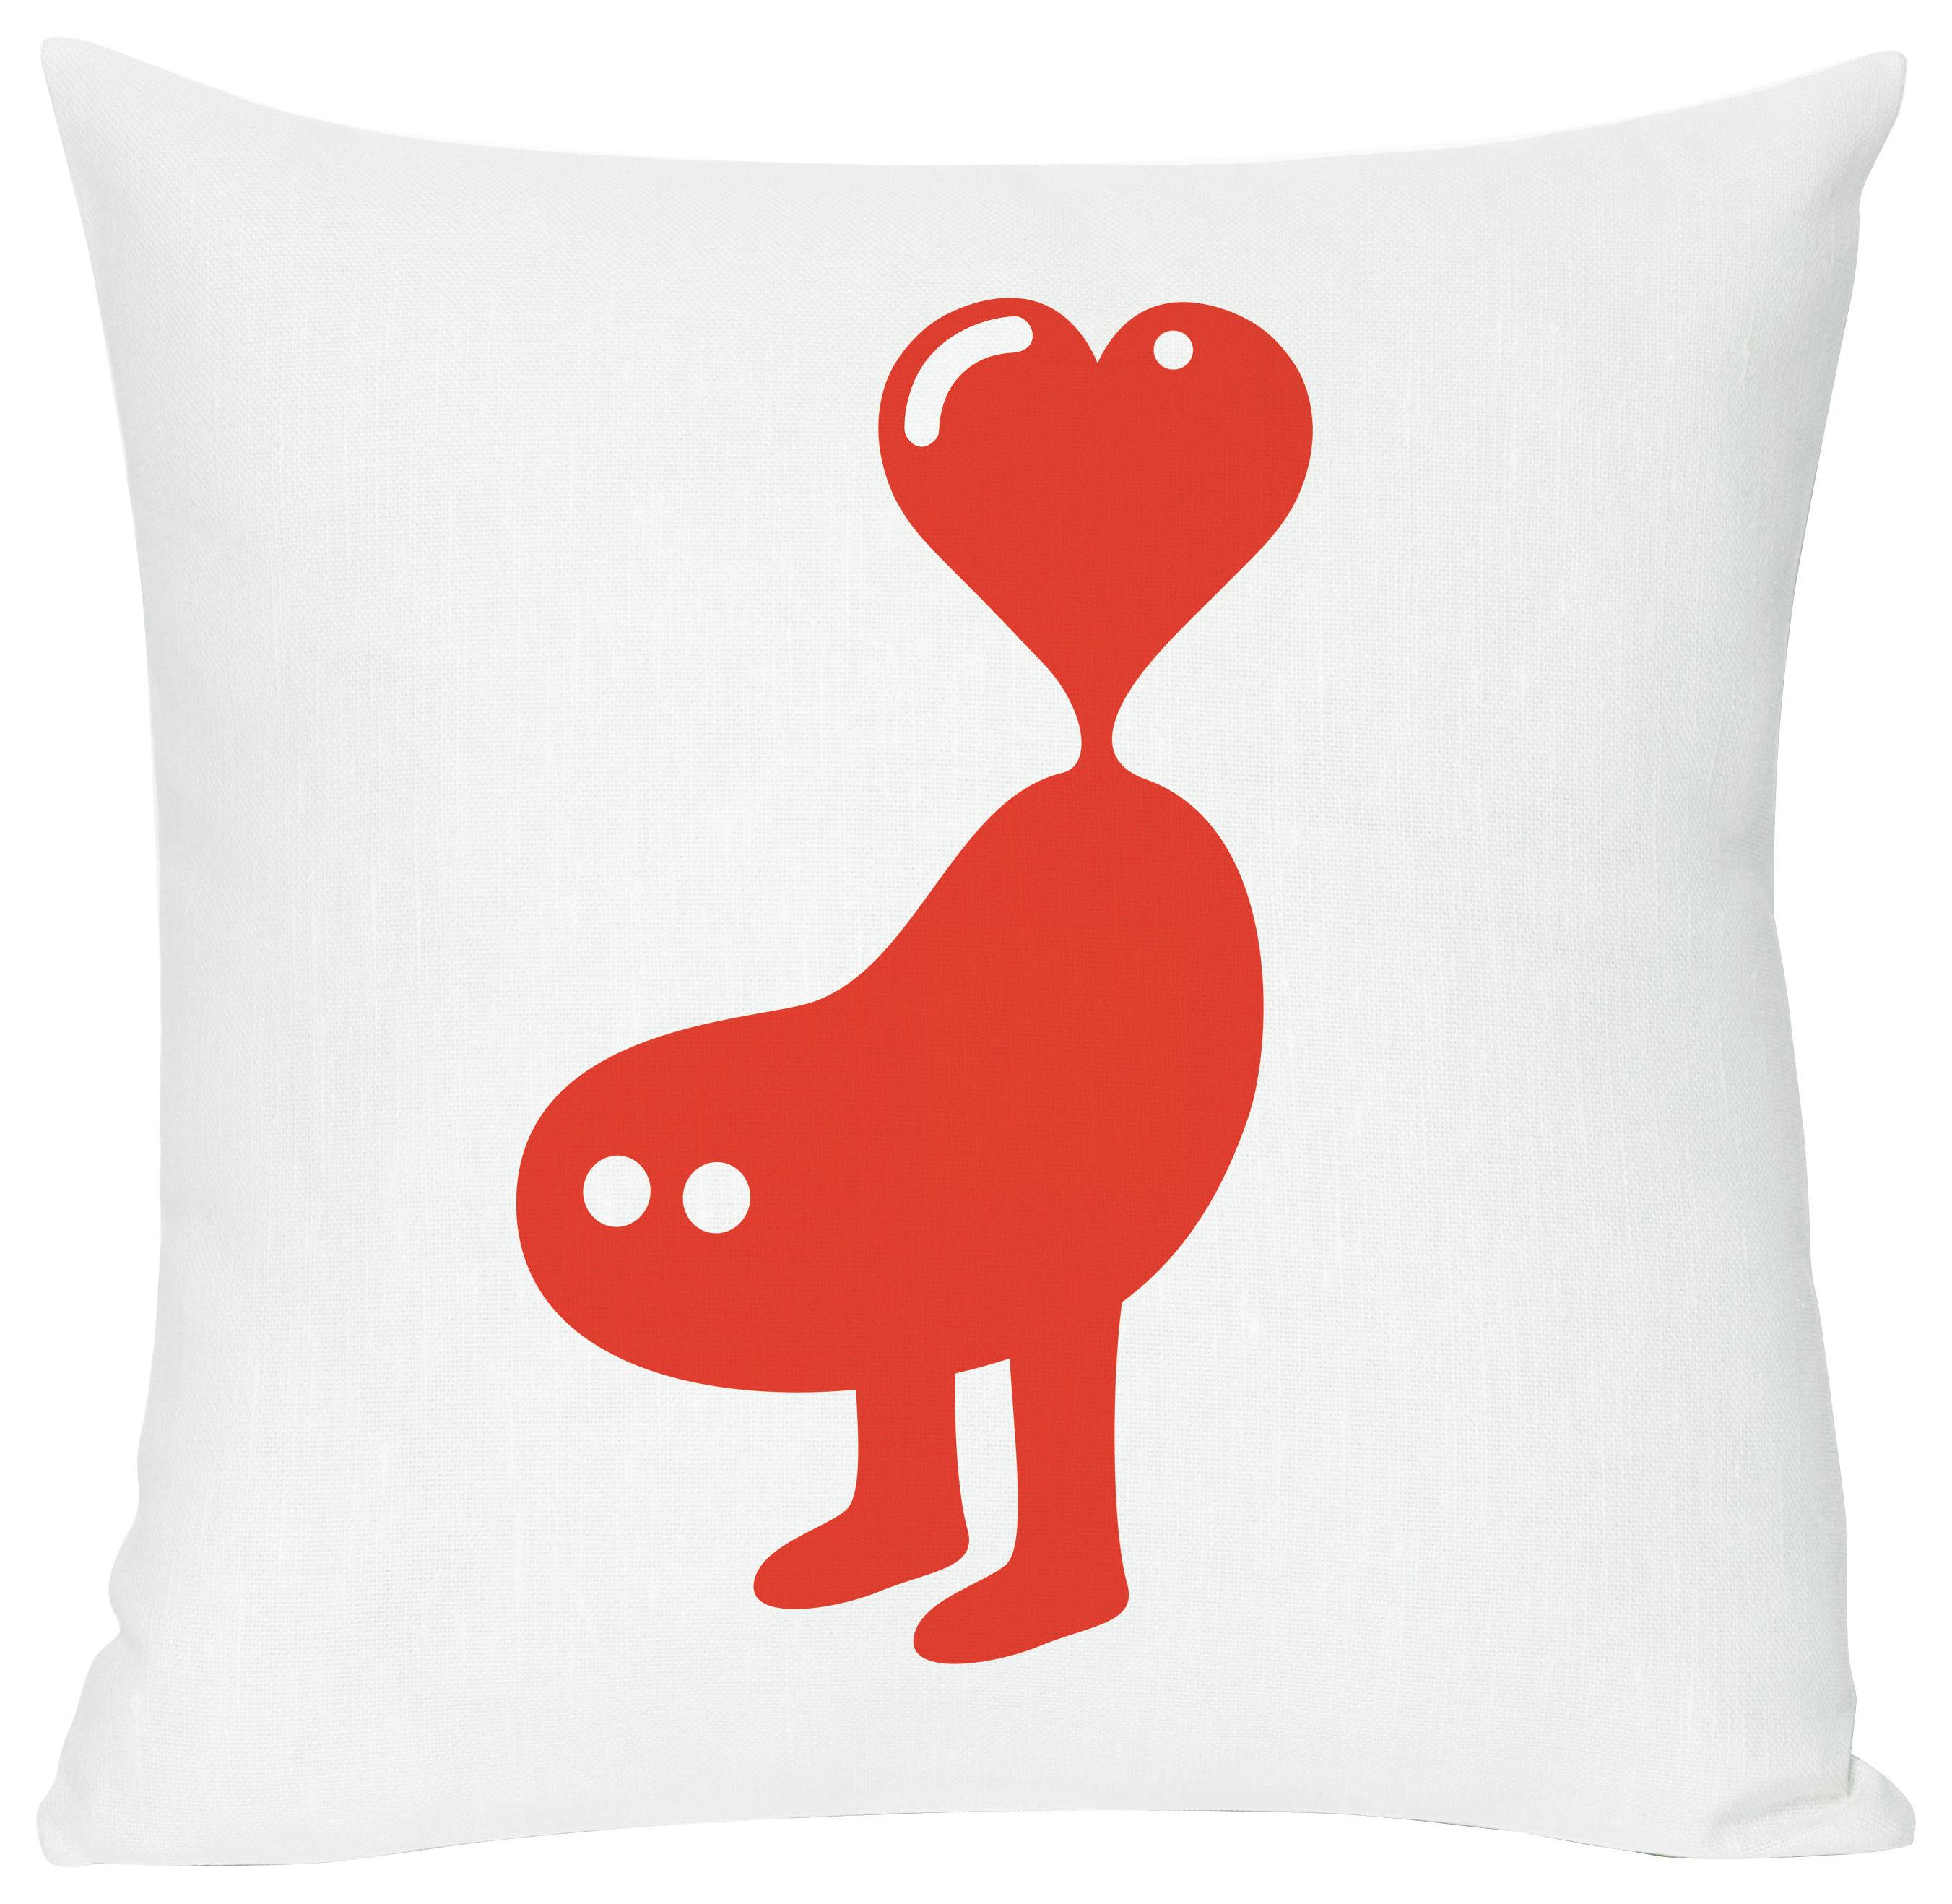 Déco - Pour les enfants - Coussin Red heart / 40 x 40 cm - Domestic - Red hearte - Coton, Lin